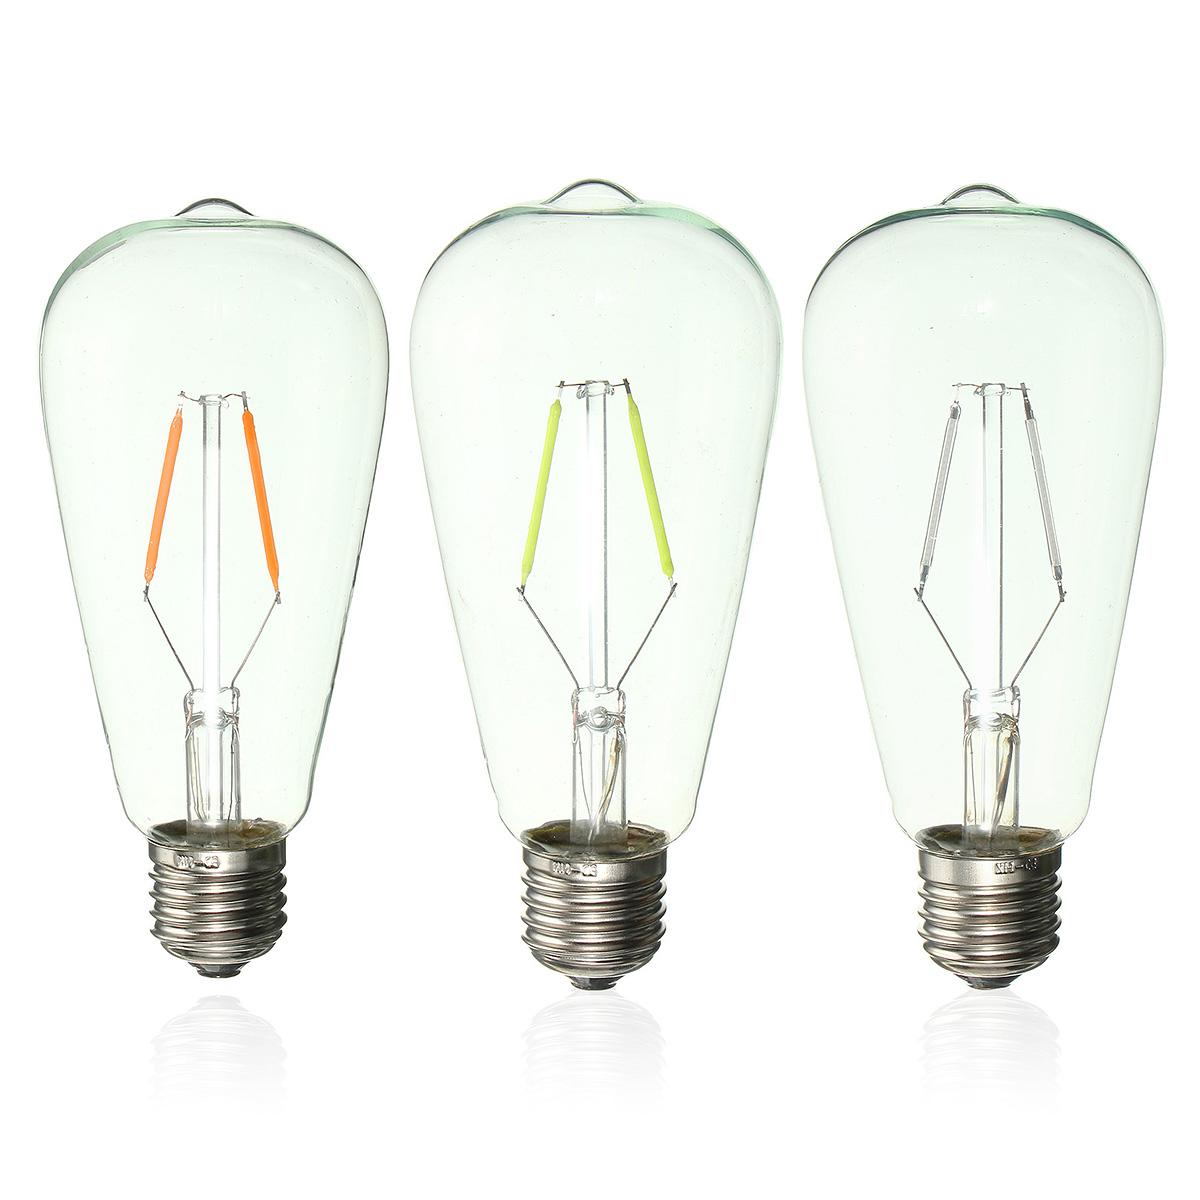 E27 St64 2w Vintage Edison Light Bulb Led Cob Filament